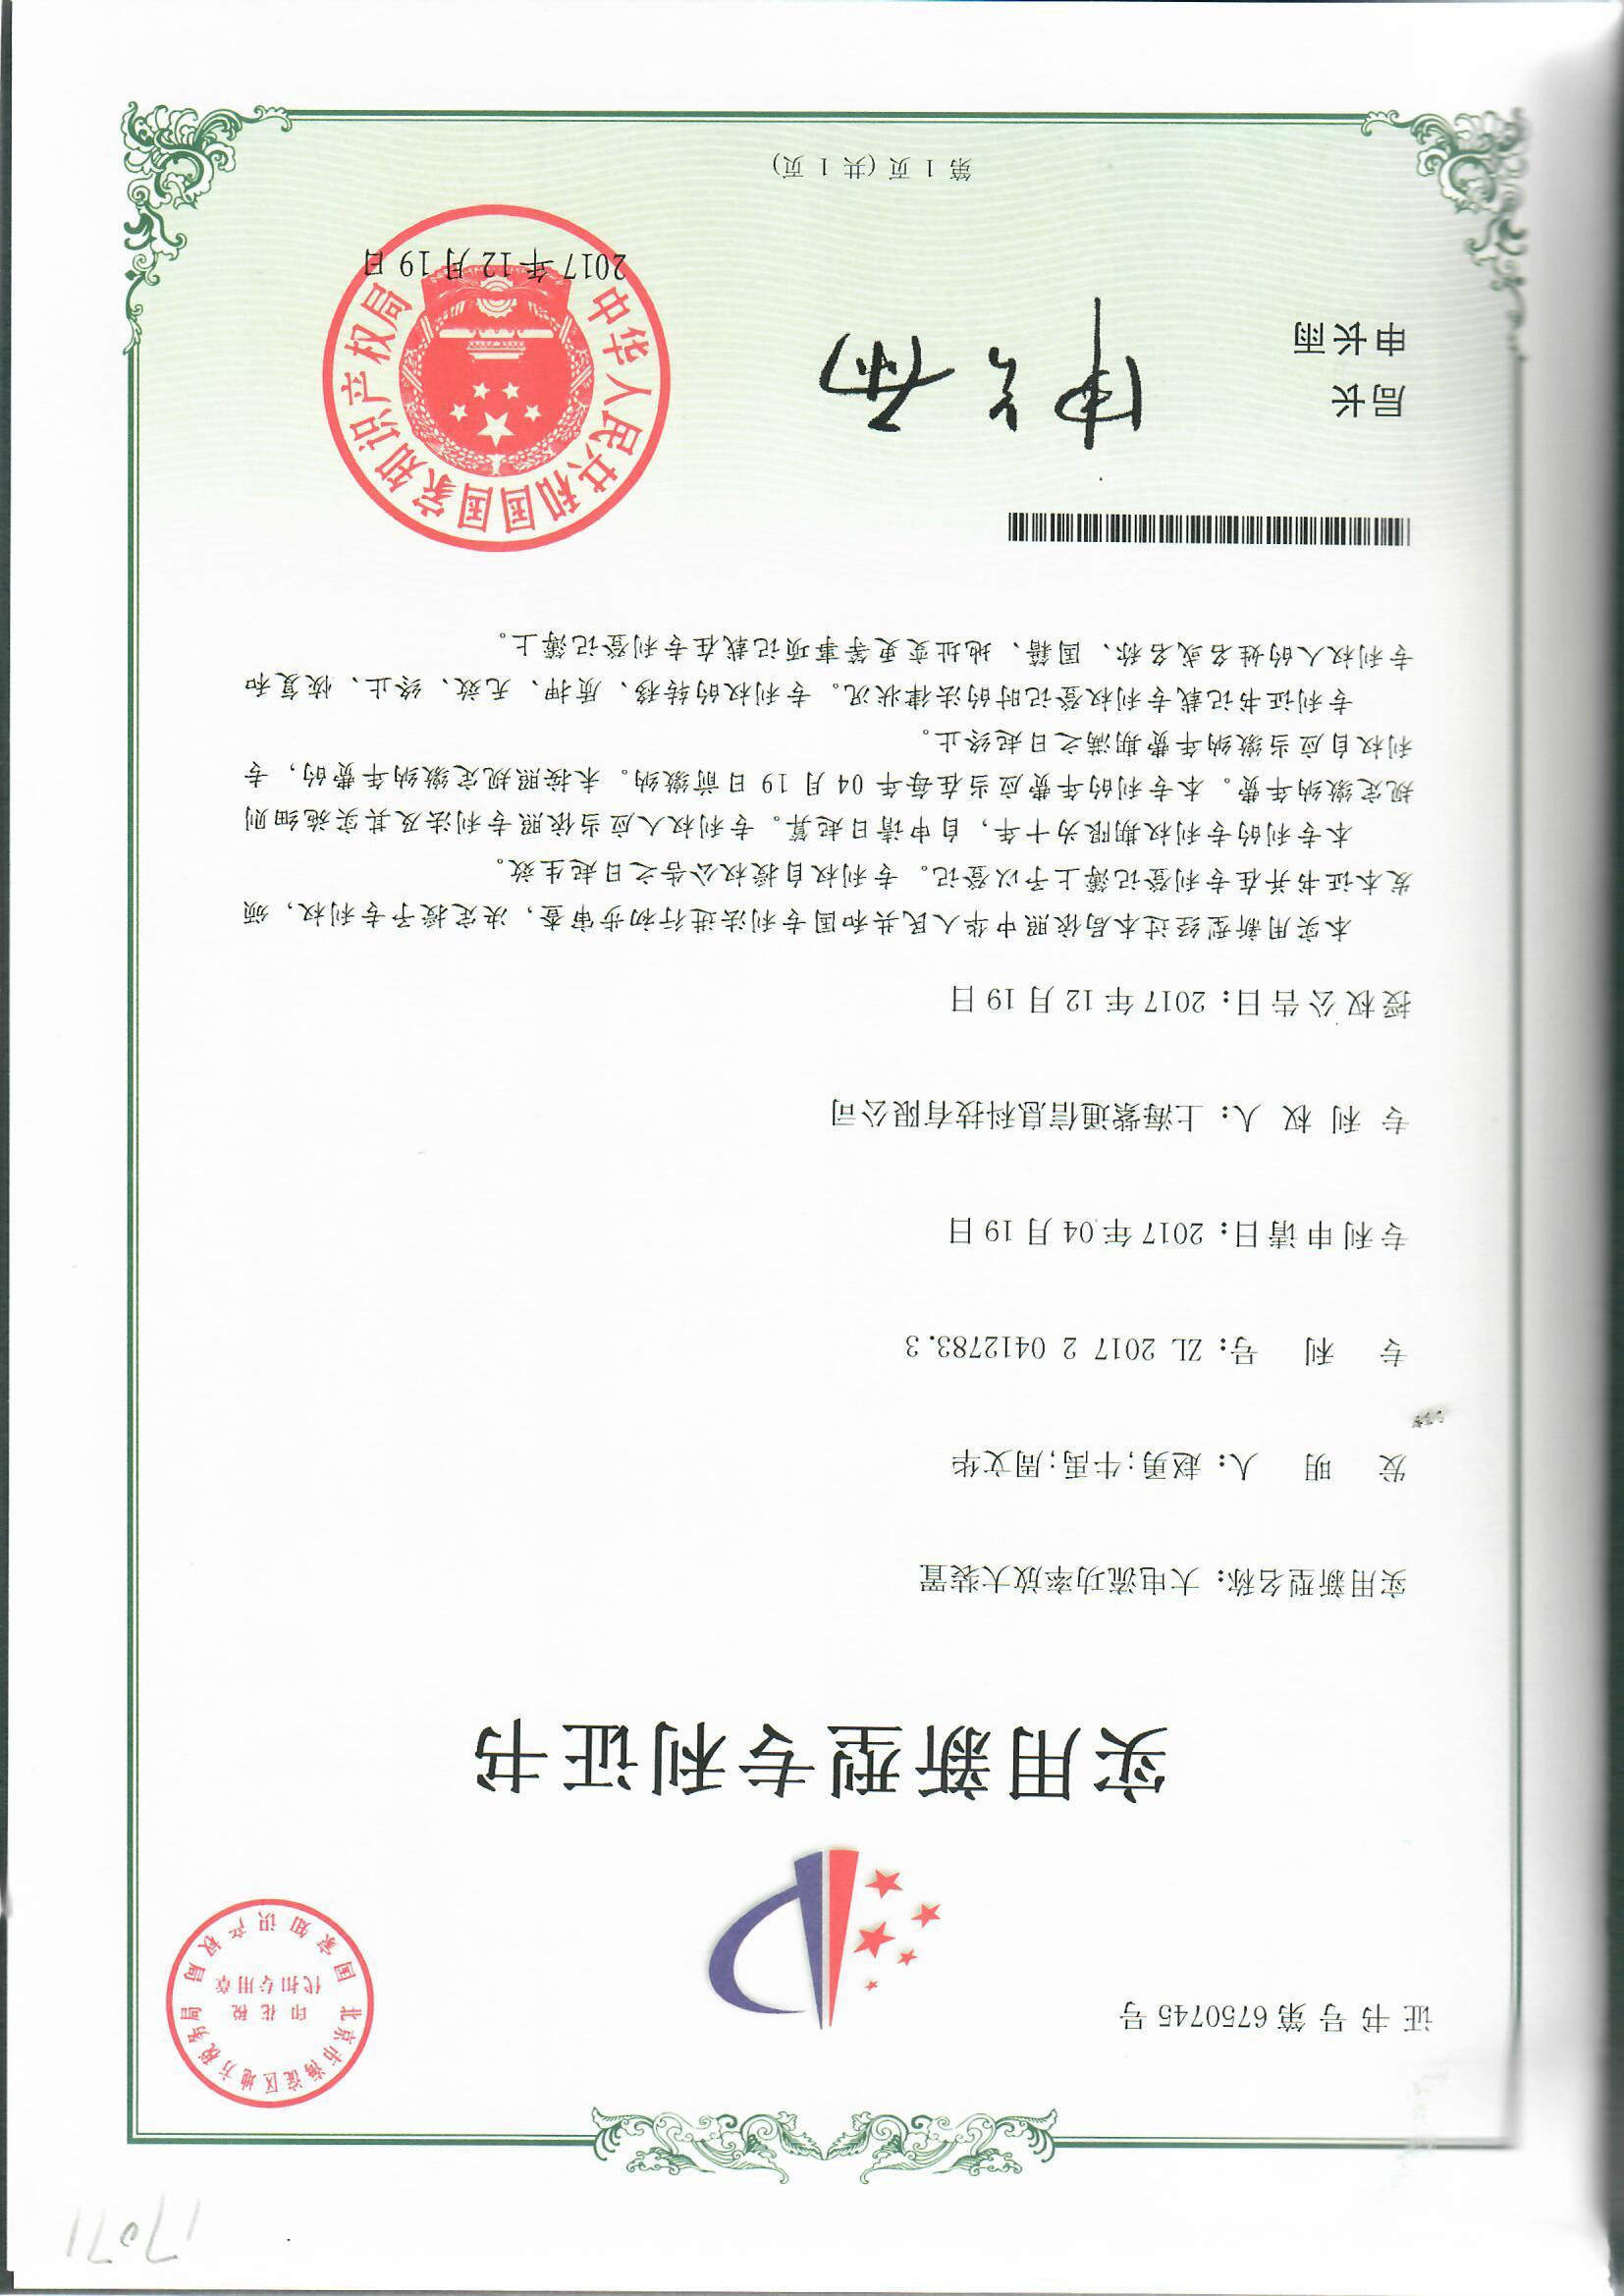 大电流功率放大装置-实用新型专利证书